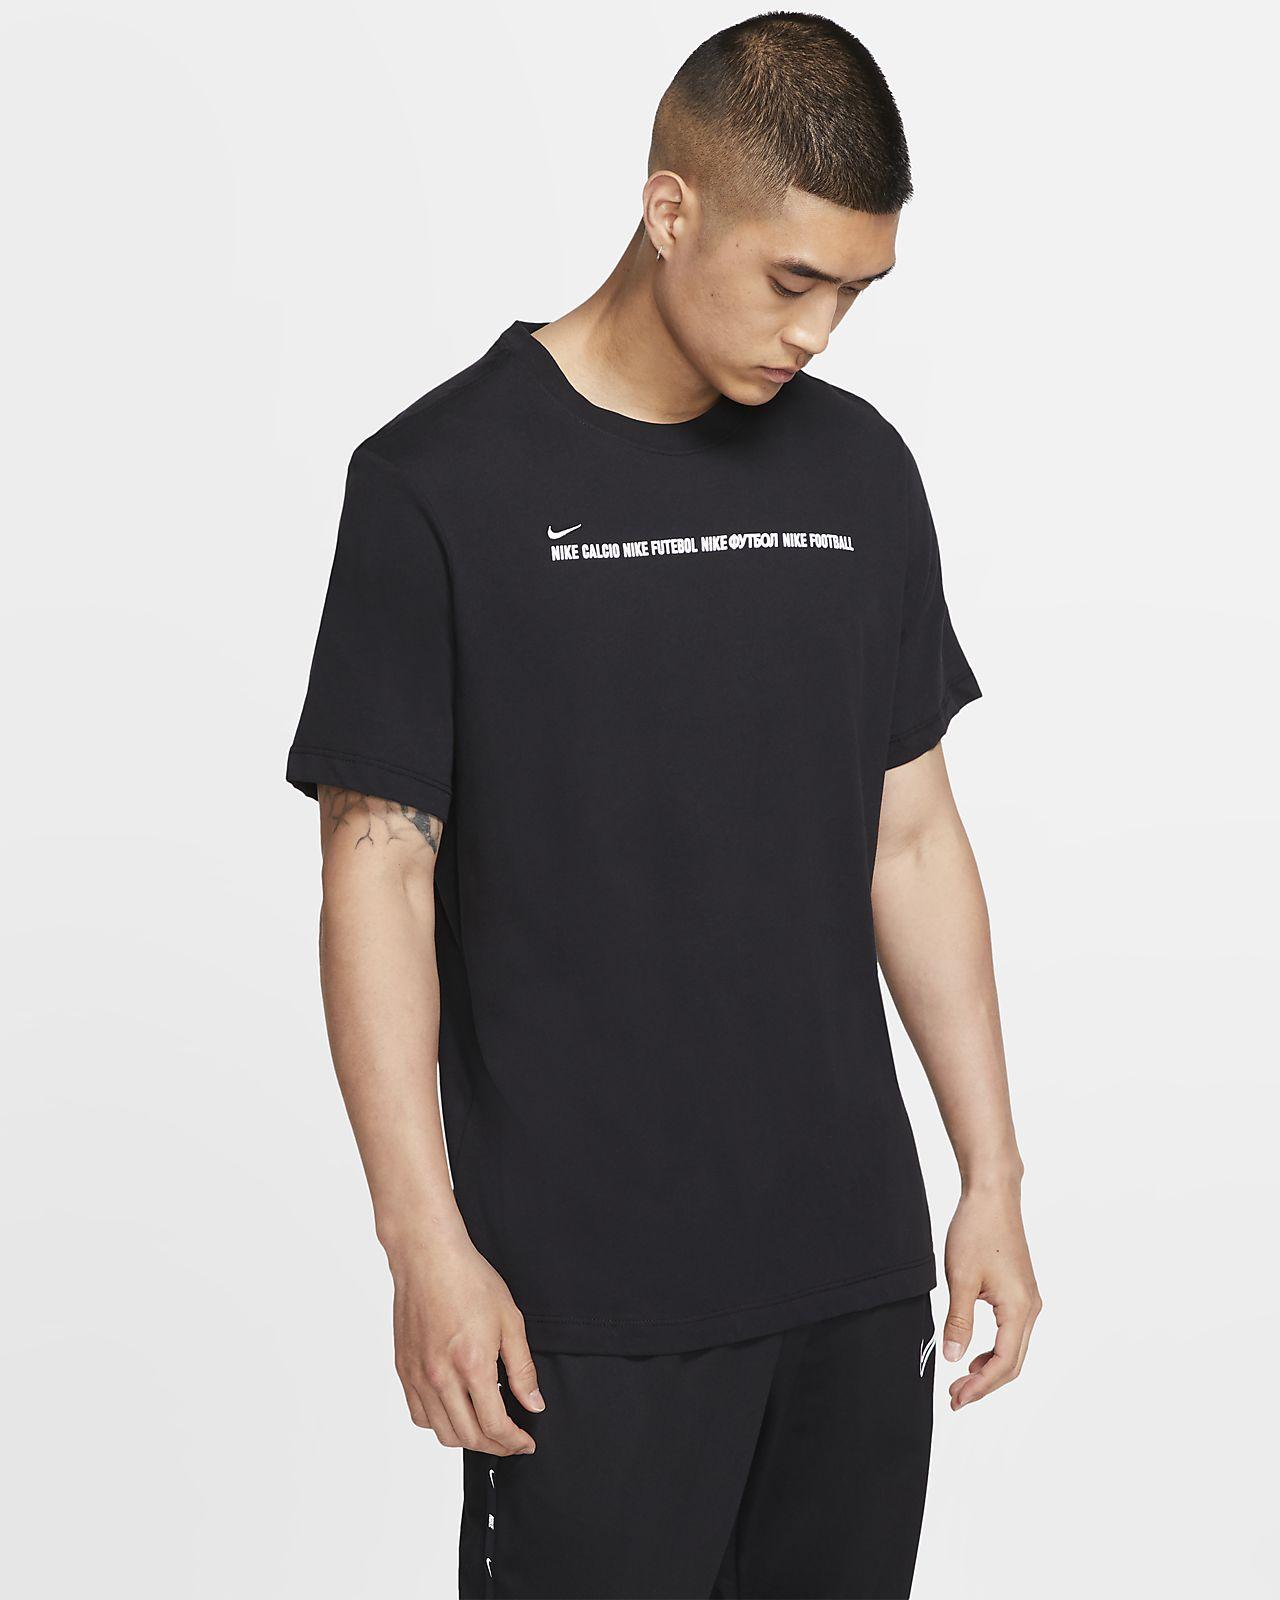 Fotbolls-t-shirt Nike F.C. för män